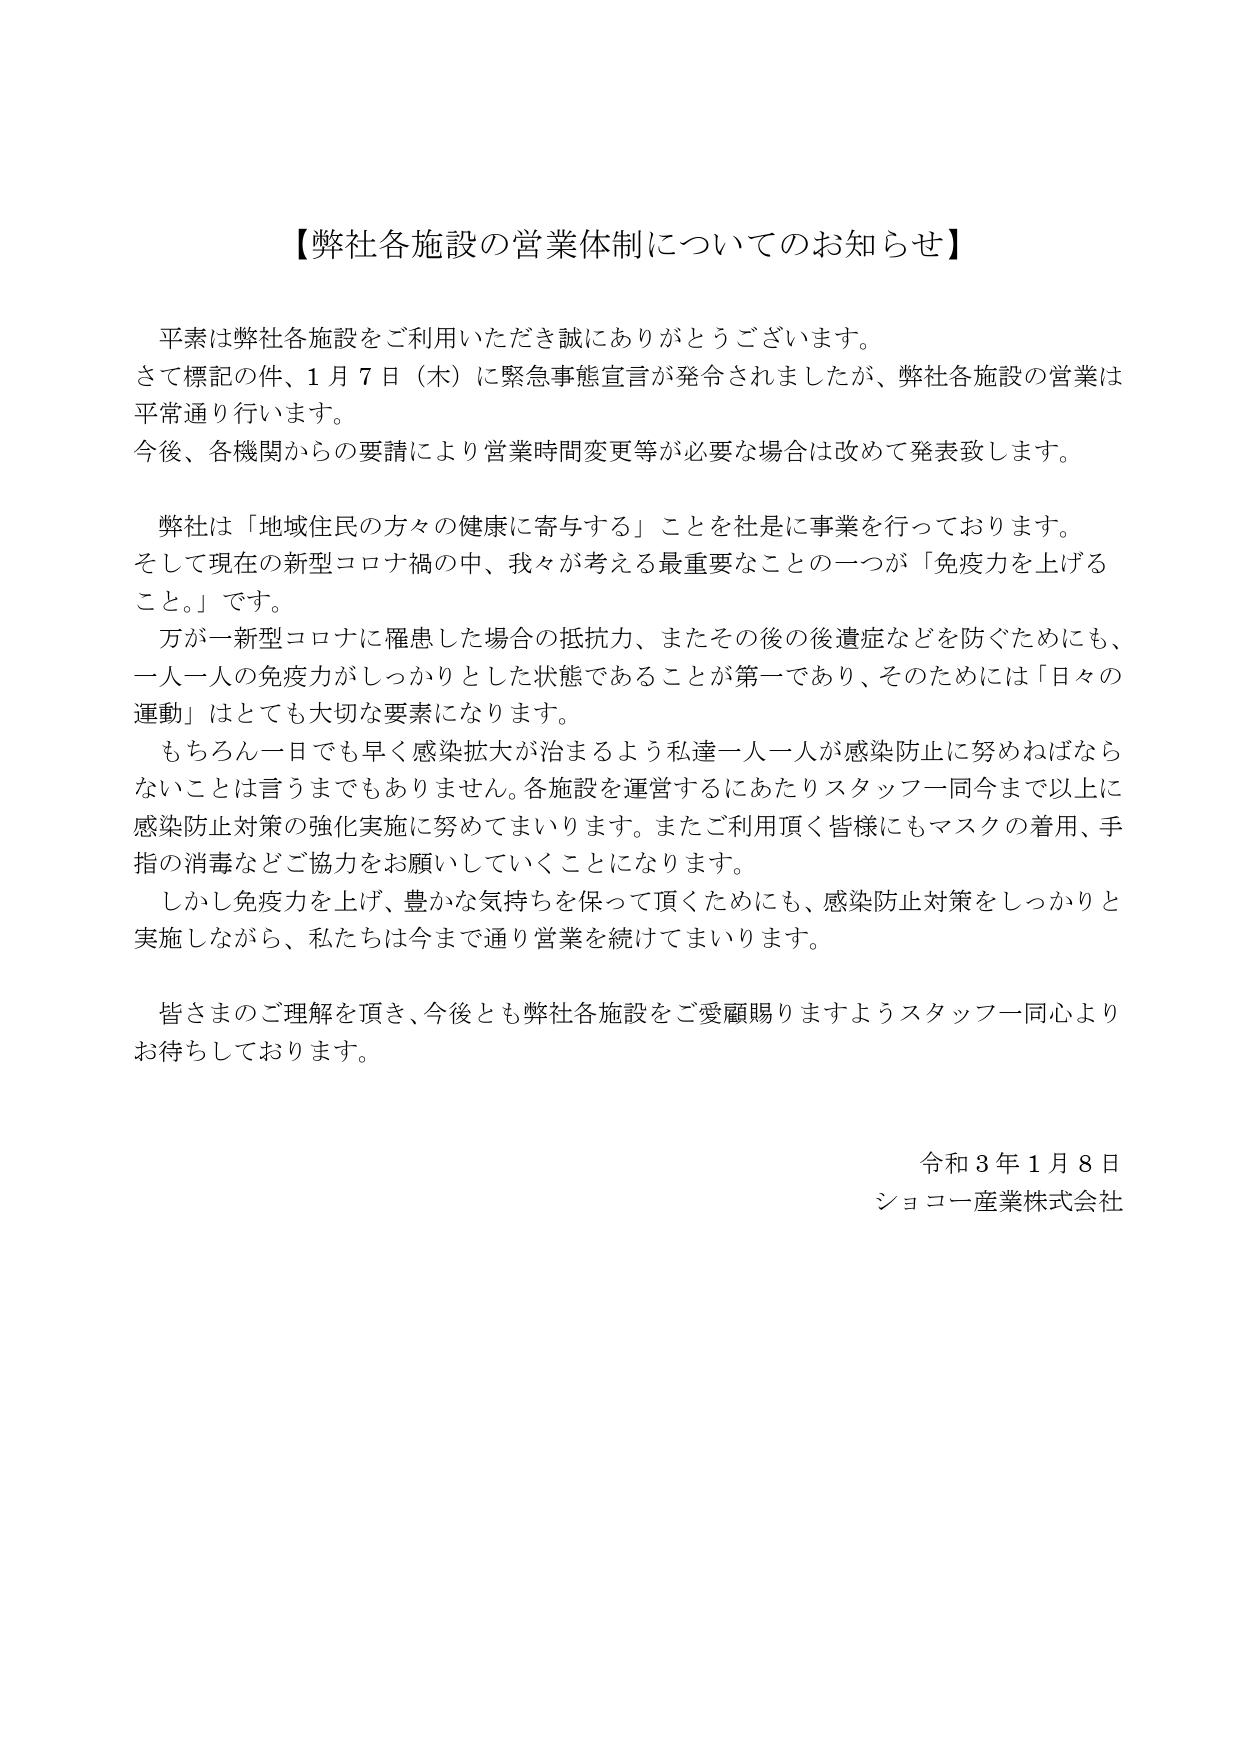 緊急事態宣言_当社各施設の営業体制についてのお知らせ_個別対応有り210108_page-0001